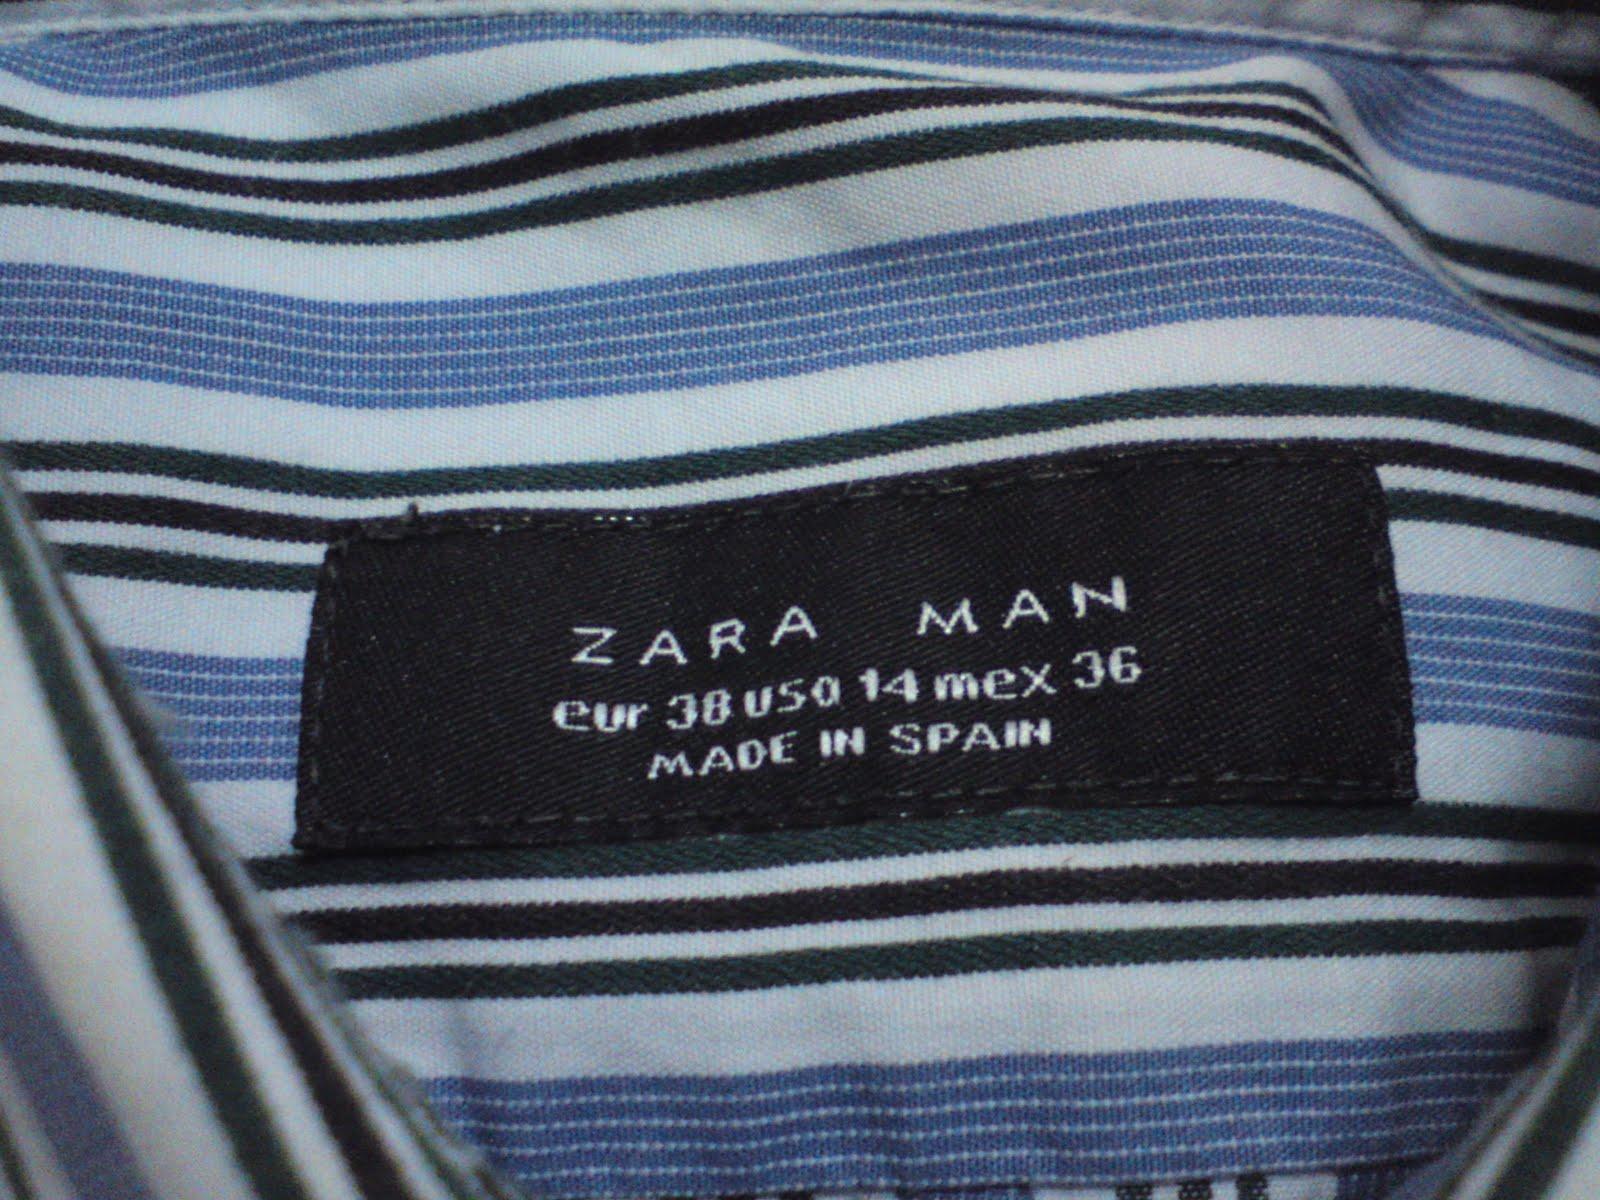 Resultado de imagen para zara made in spain